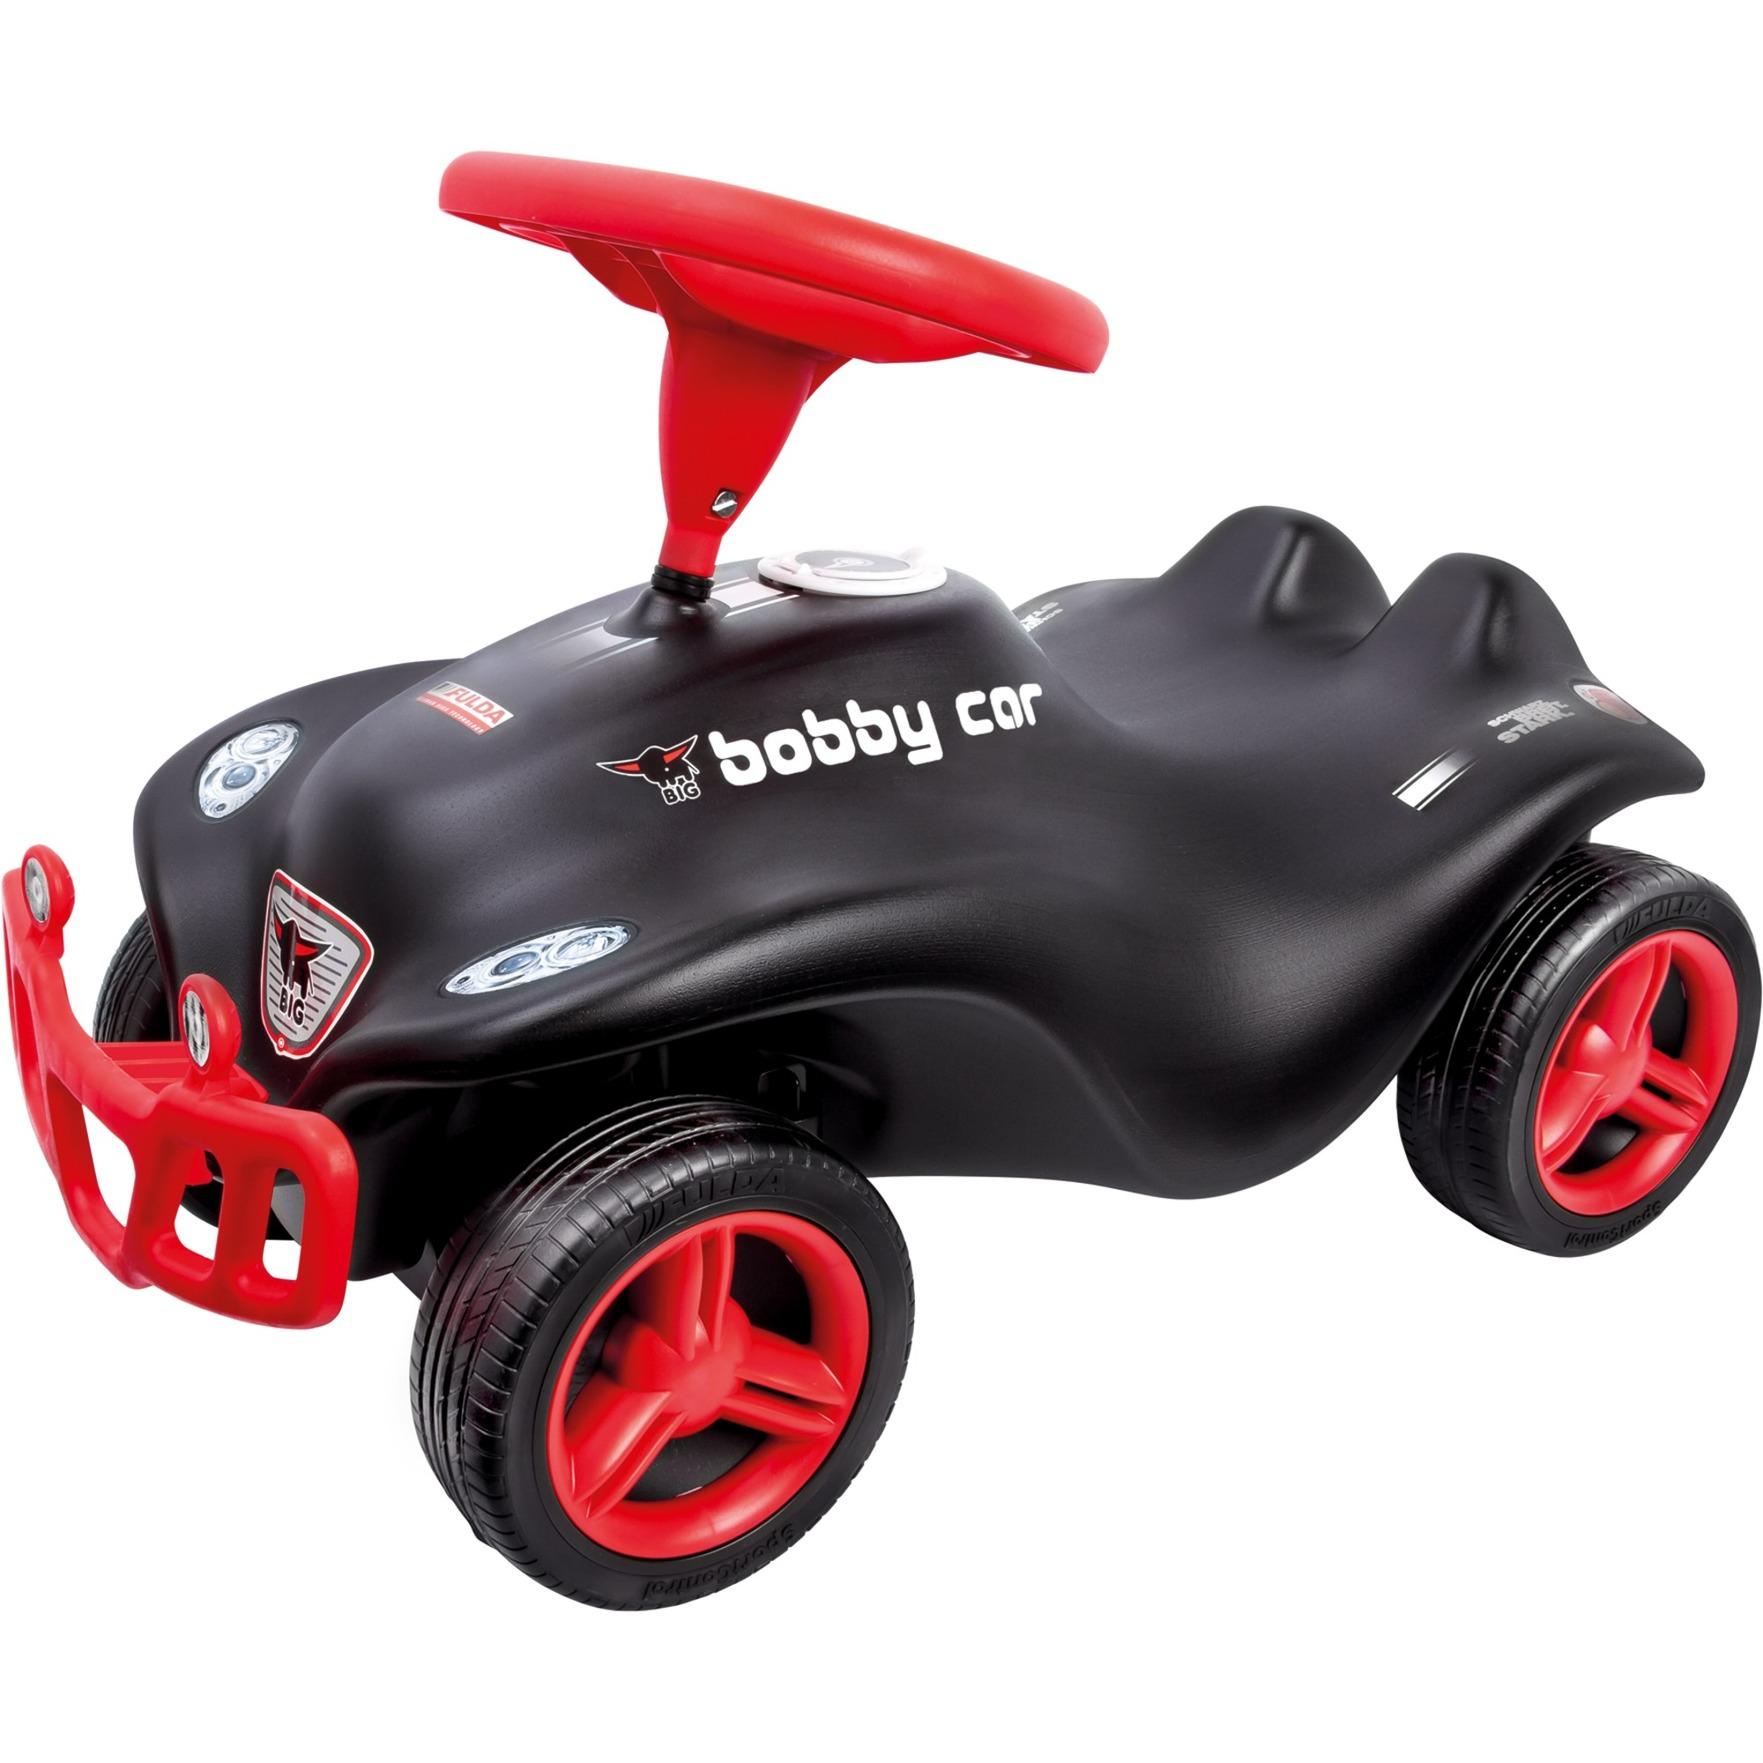 800056163, Automóvil de juguete